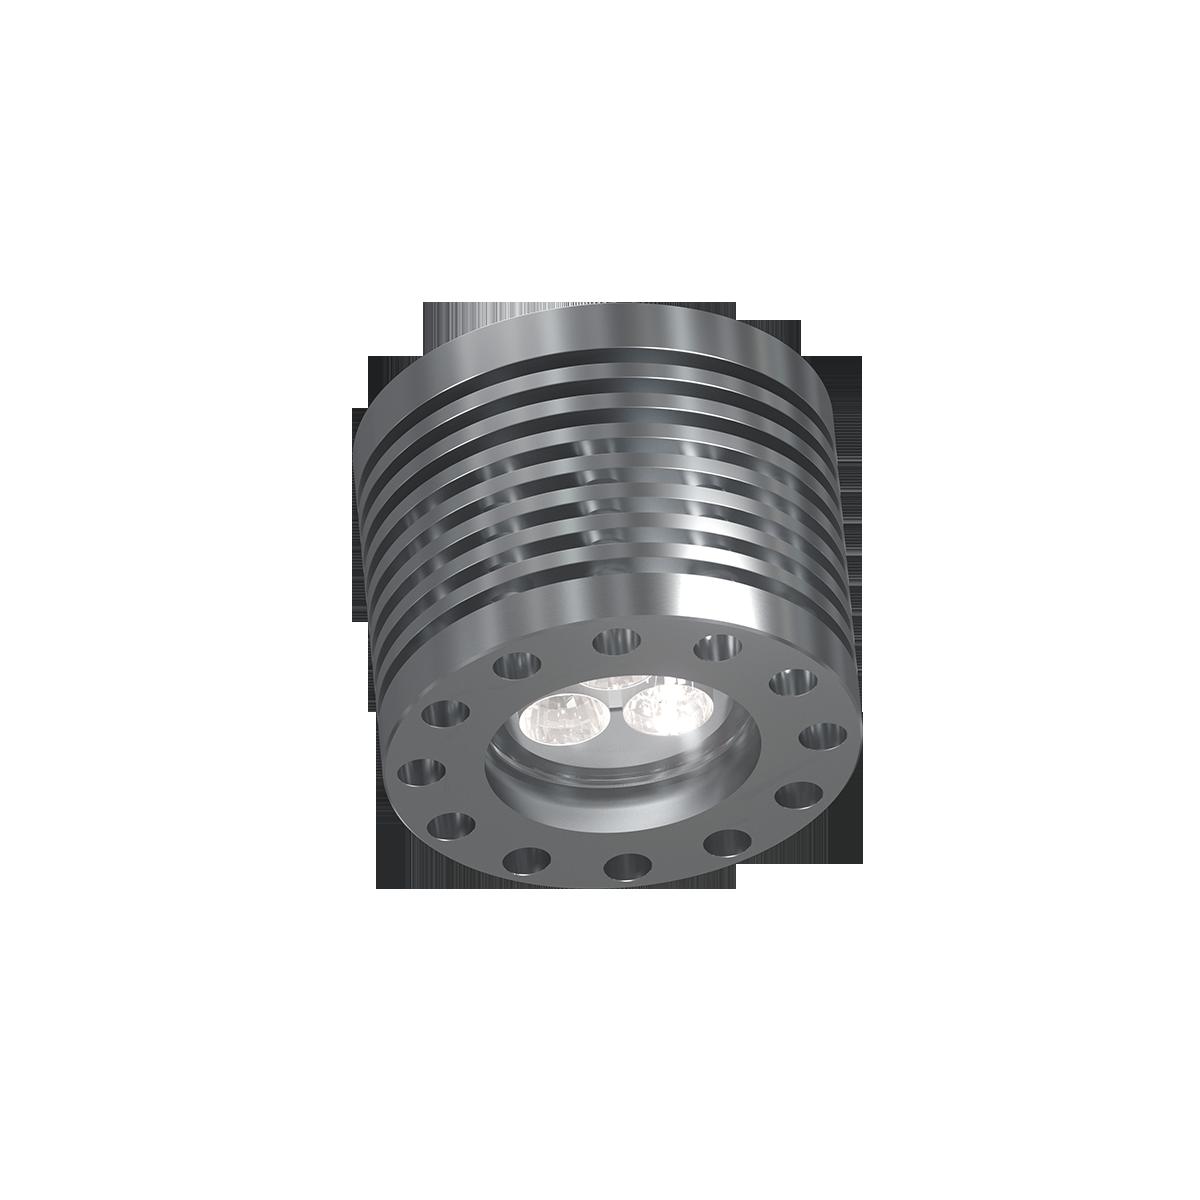 Компактный точечный прожектор TRIF POINT IN